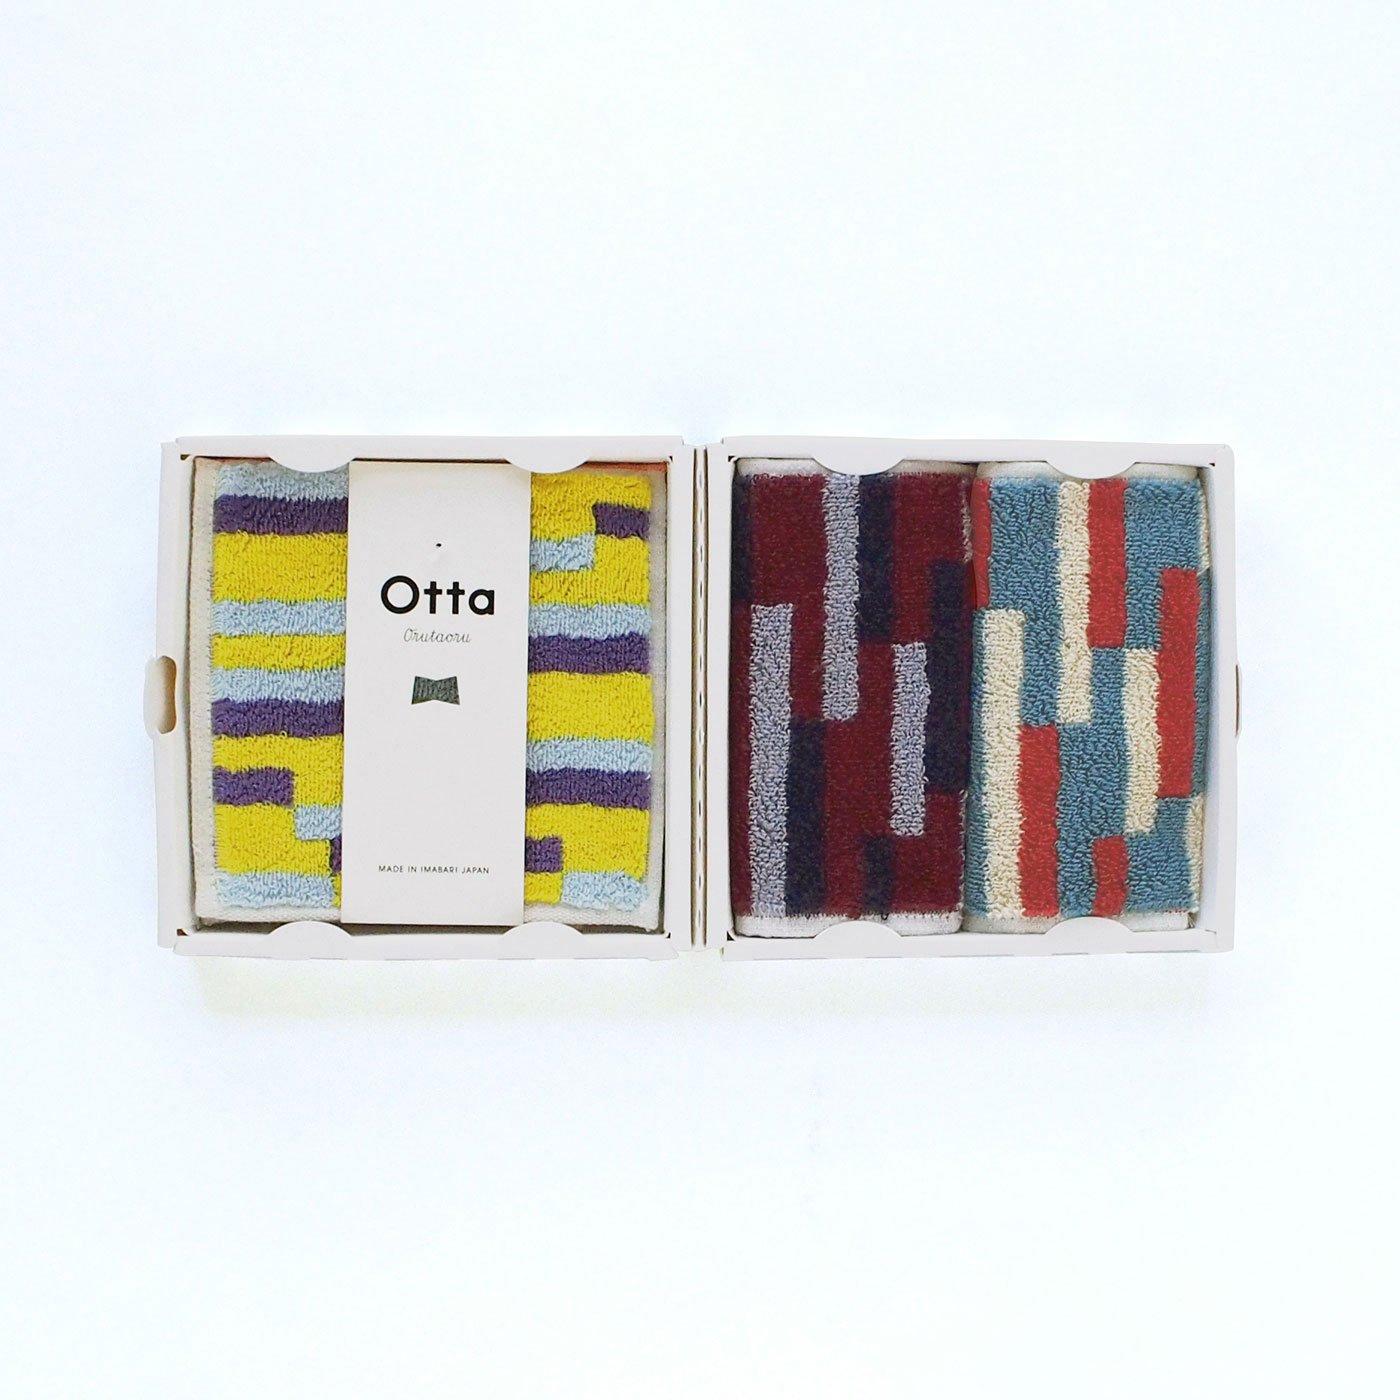 さすが今治タオルの吸水性! ユニークなふたつ折りスマートハンカチ「Otta」3枚セット〈柄×柄〉